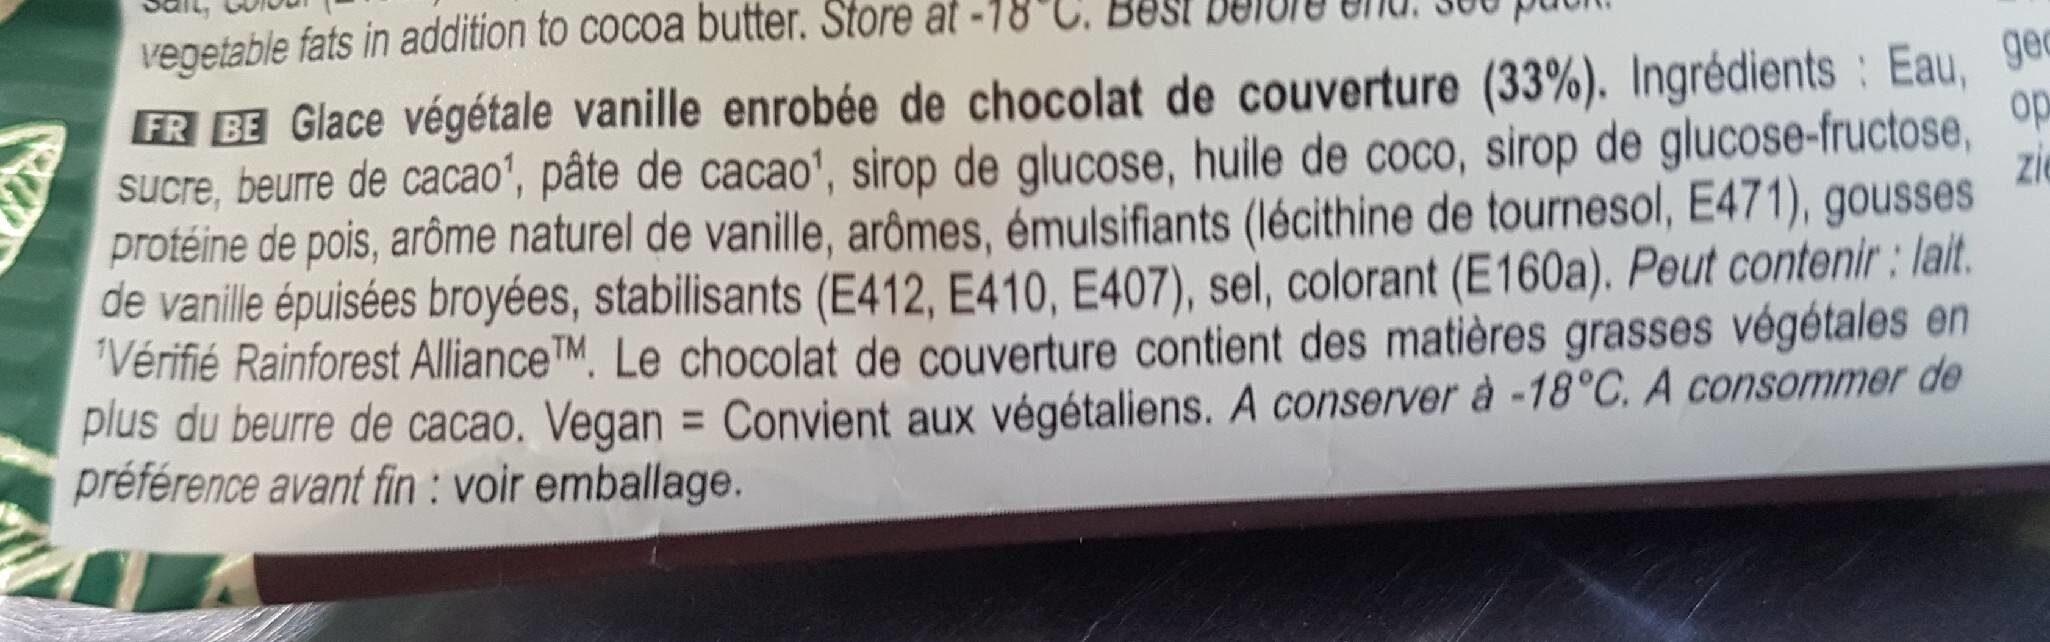 Magnum Batônnet Glace Vegan Classic - Ingrédients - fr